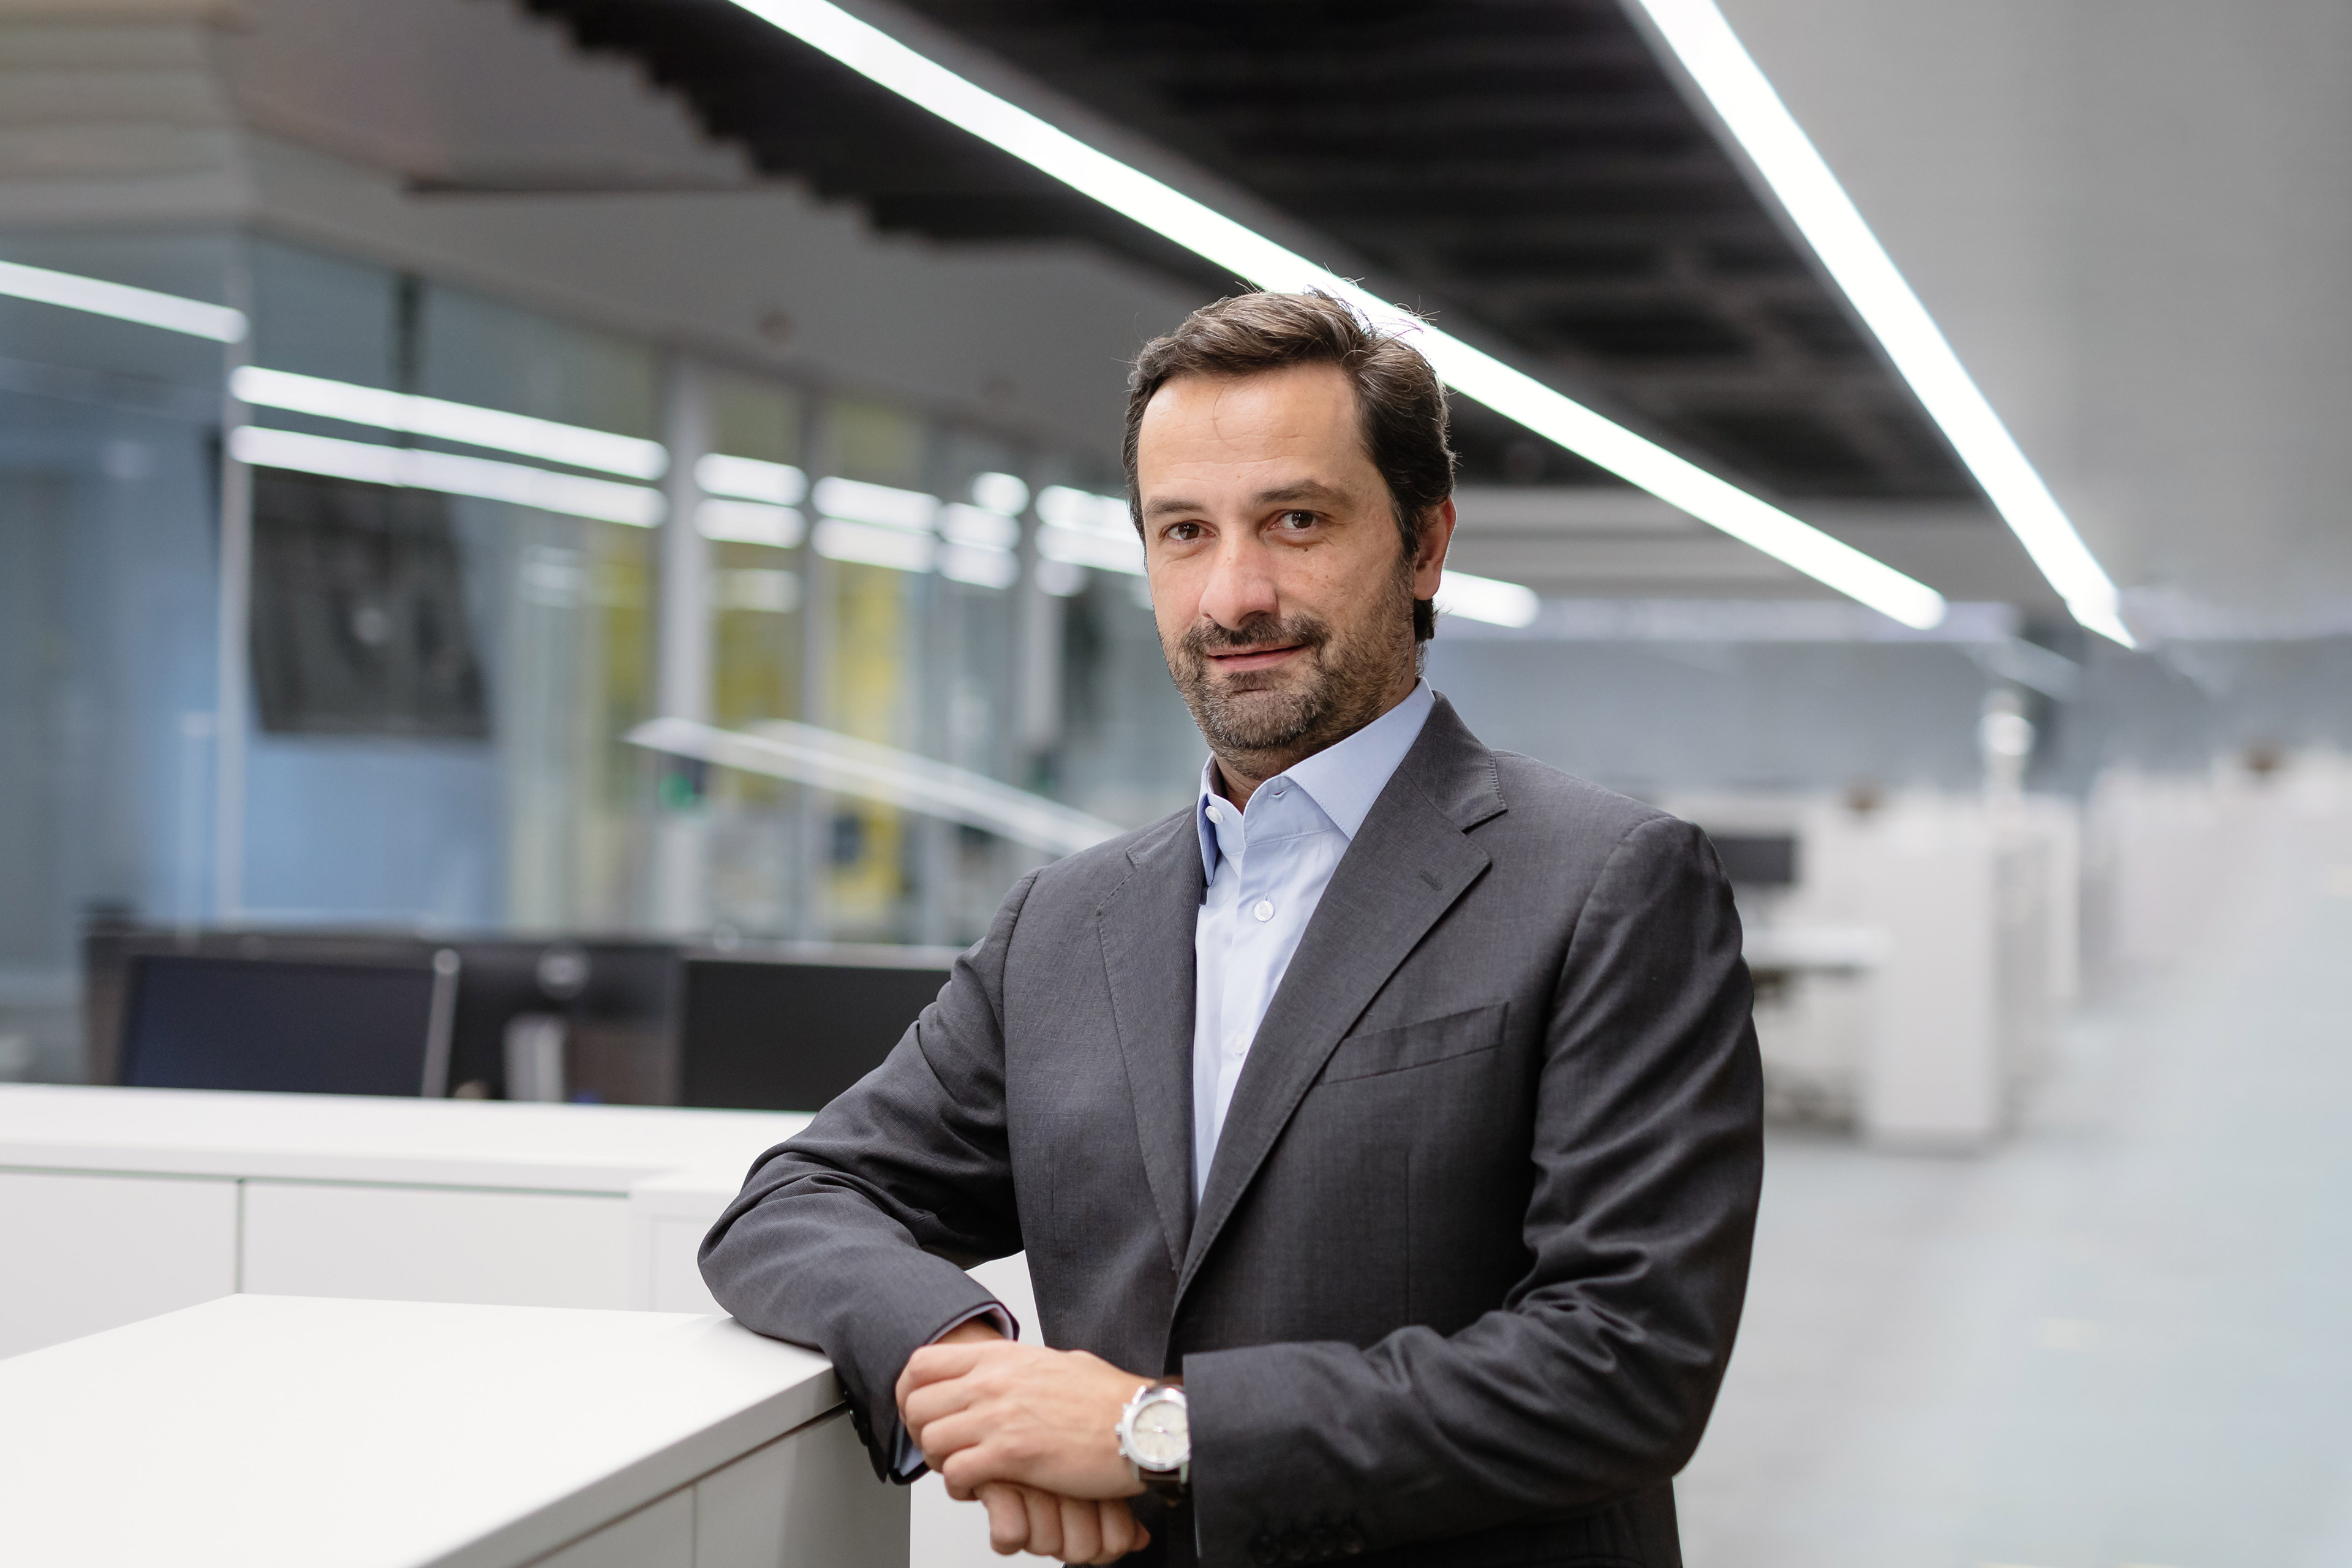 Miguel Cardoso Pinto